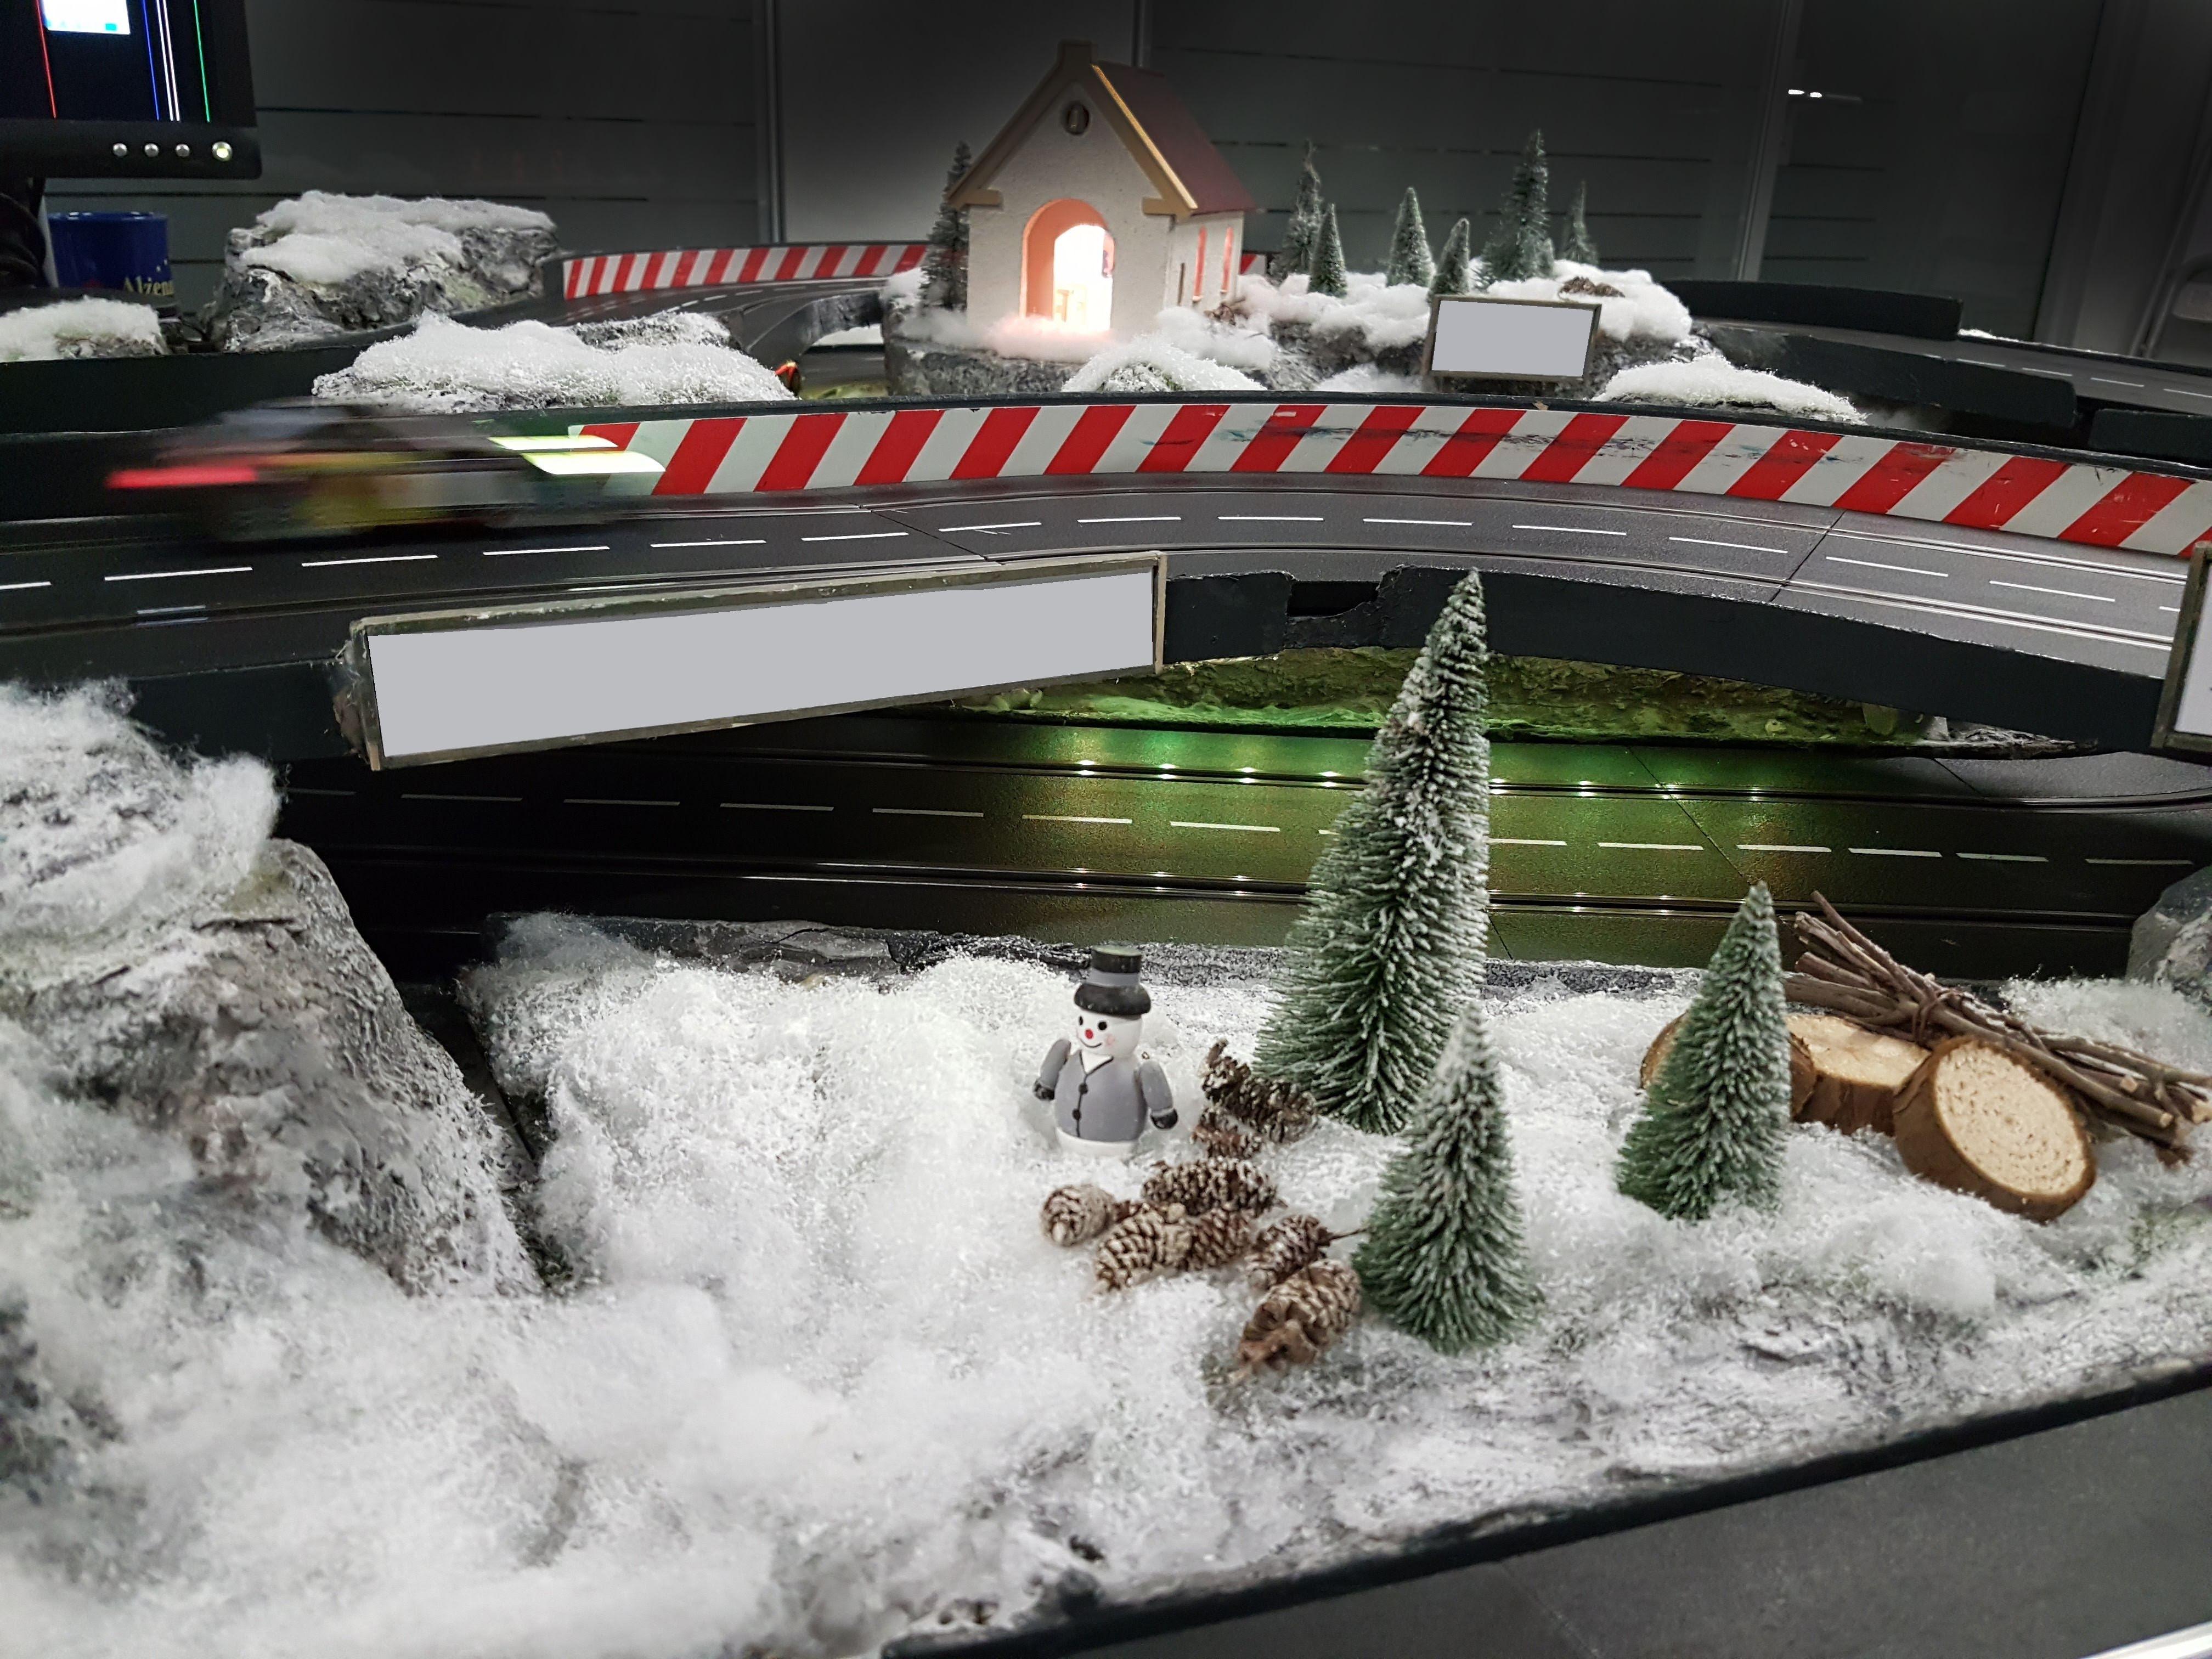 Schneelandschaft Carrerabahn